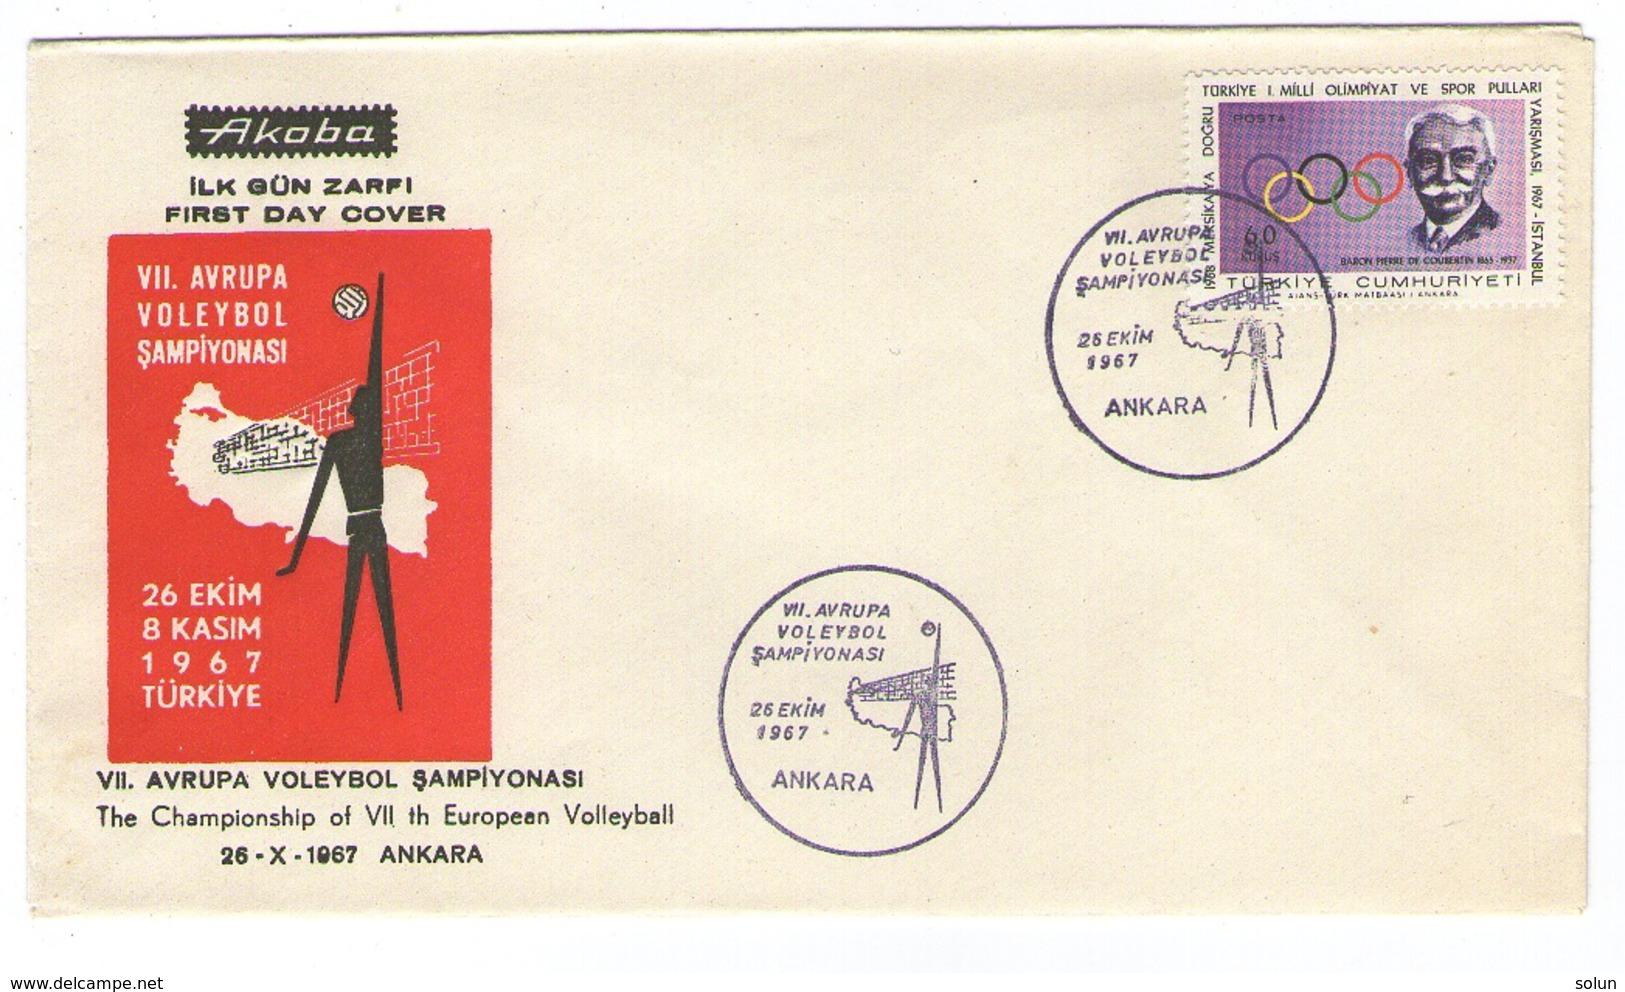 TURKEY EUROPEAN CHAMPIONSHIP VOLLEYBALL VOLEYBOL ANKARA 1967 SPORT - Cartas